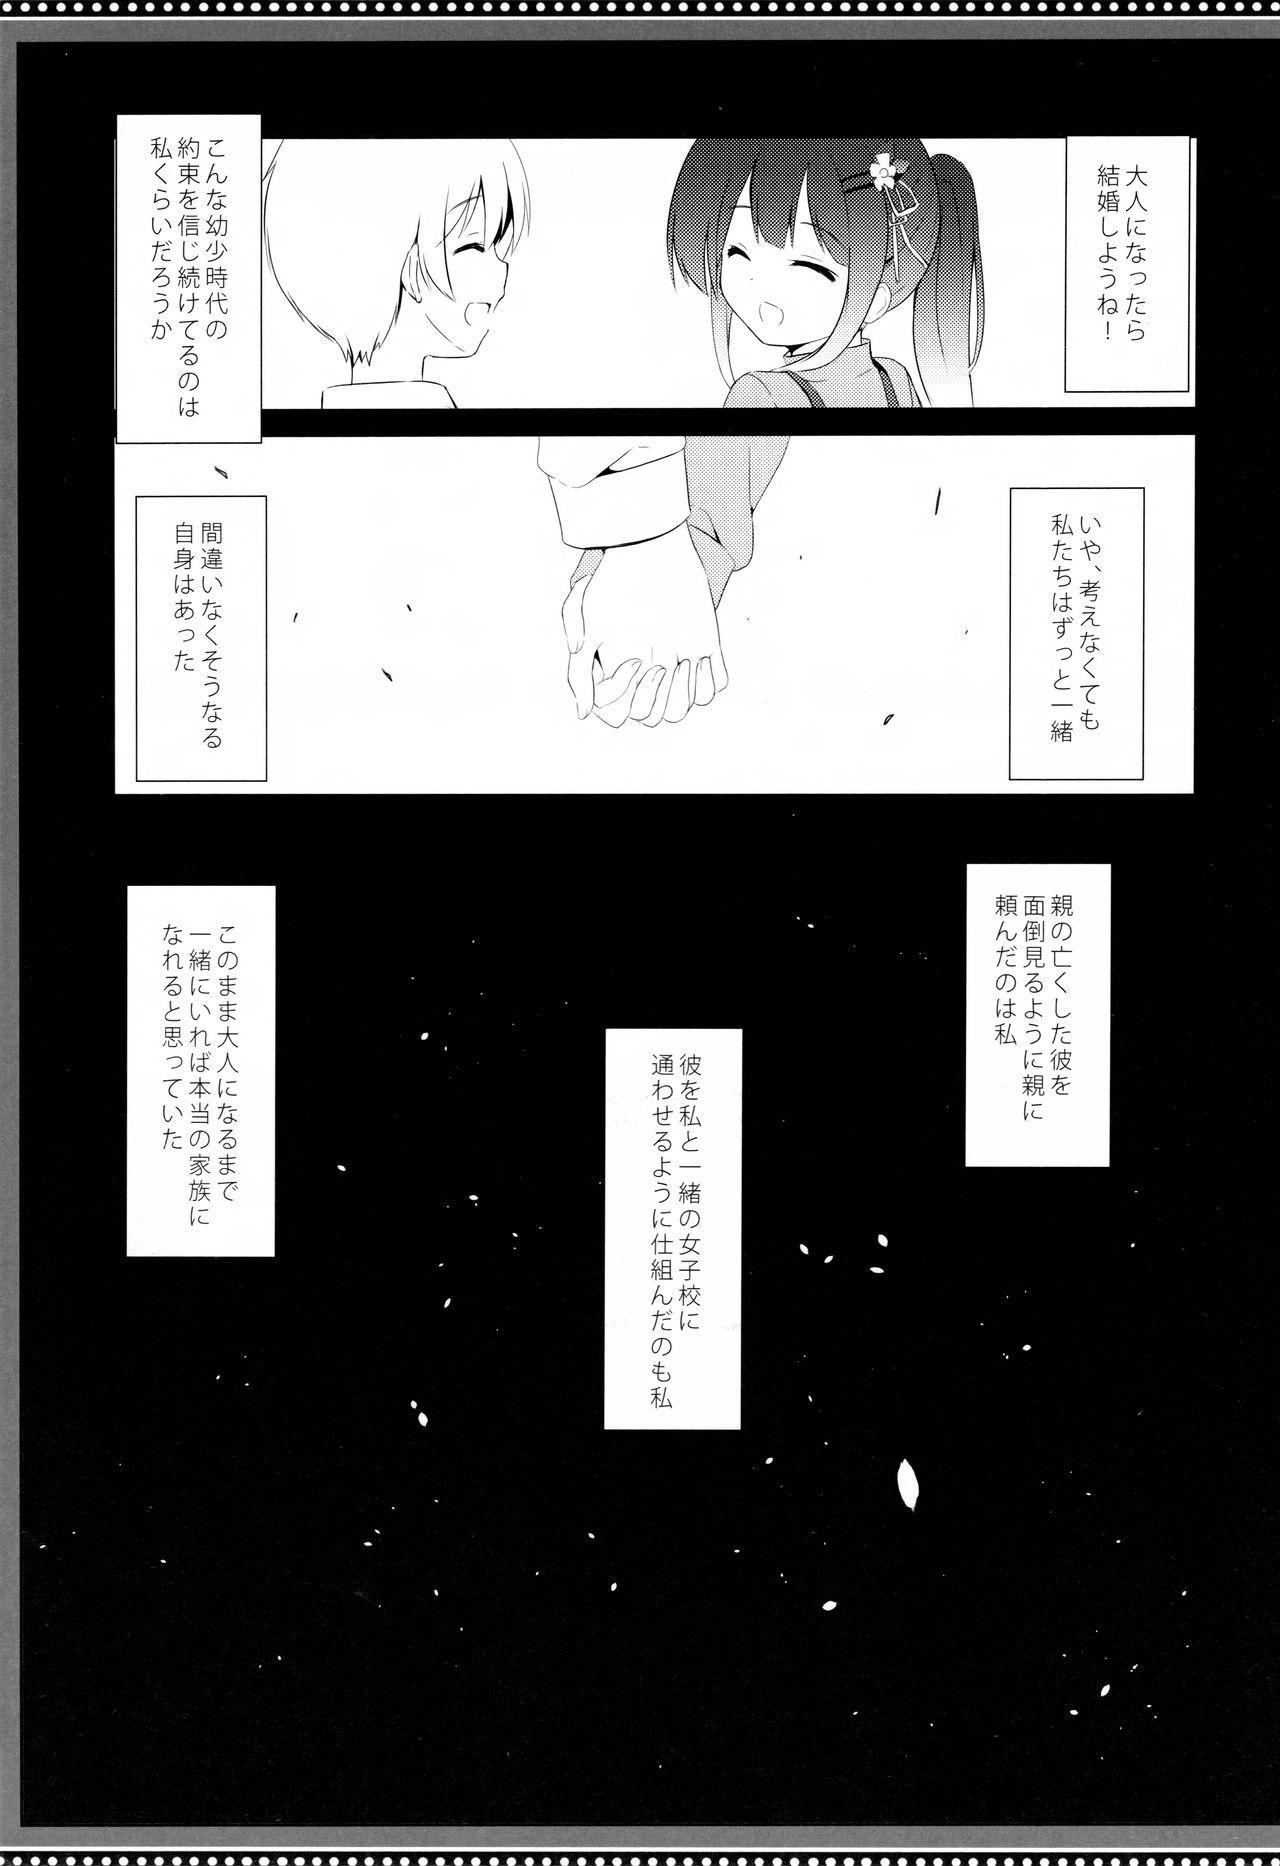 Osananajimi to Otokonoko no Himitsu no Shujuu Kankei 1